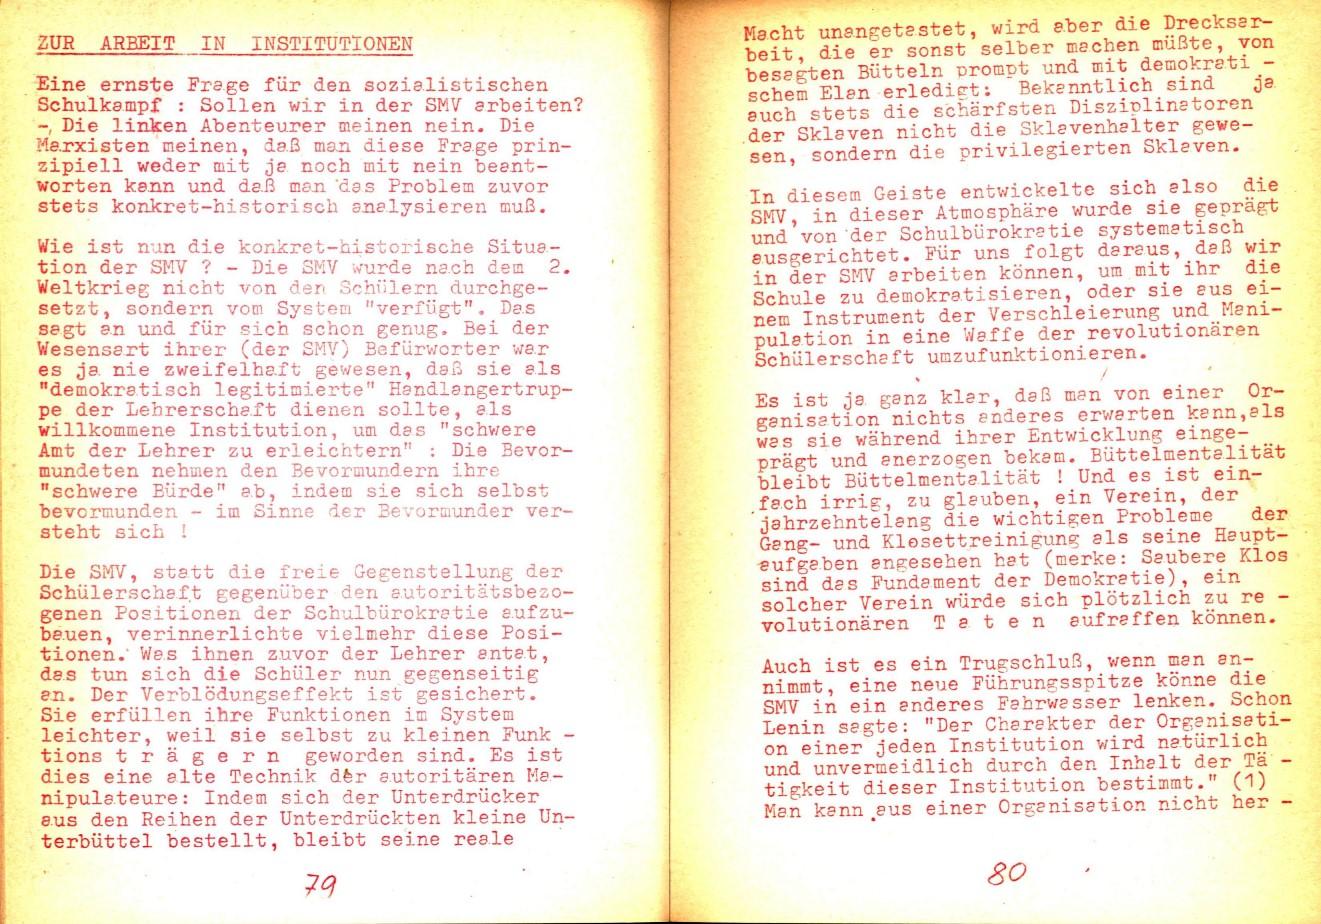 Berlin_SMV_Broschuere_Schulkampf_1969_42